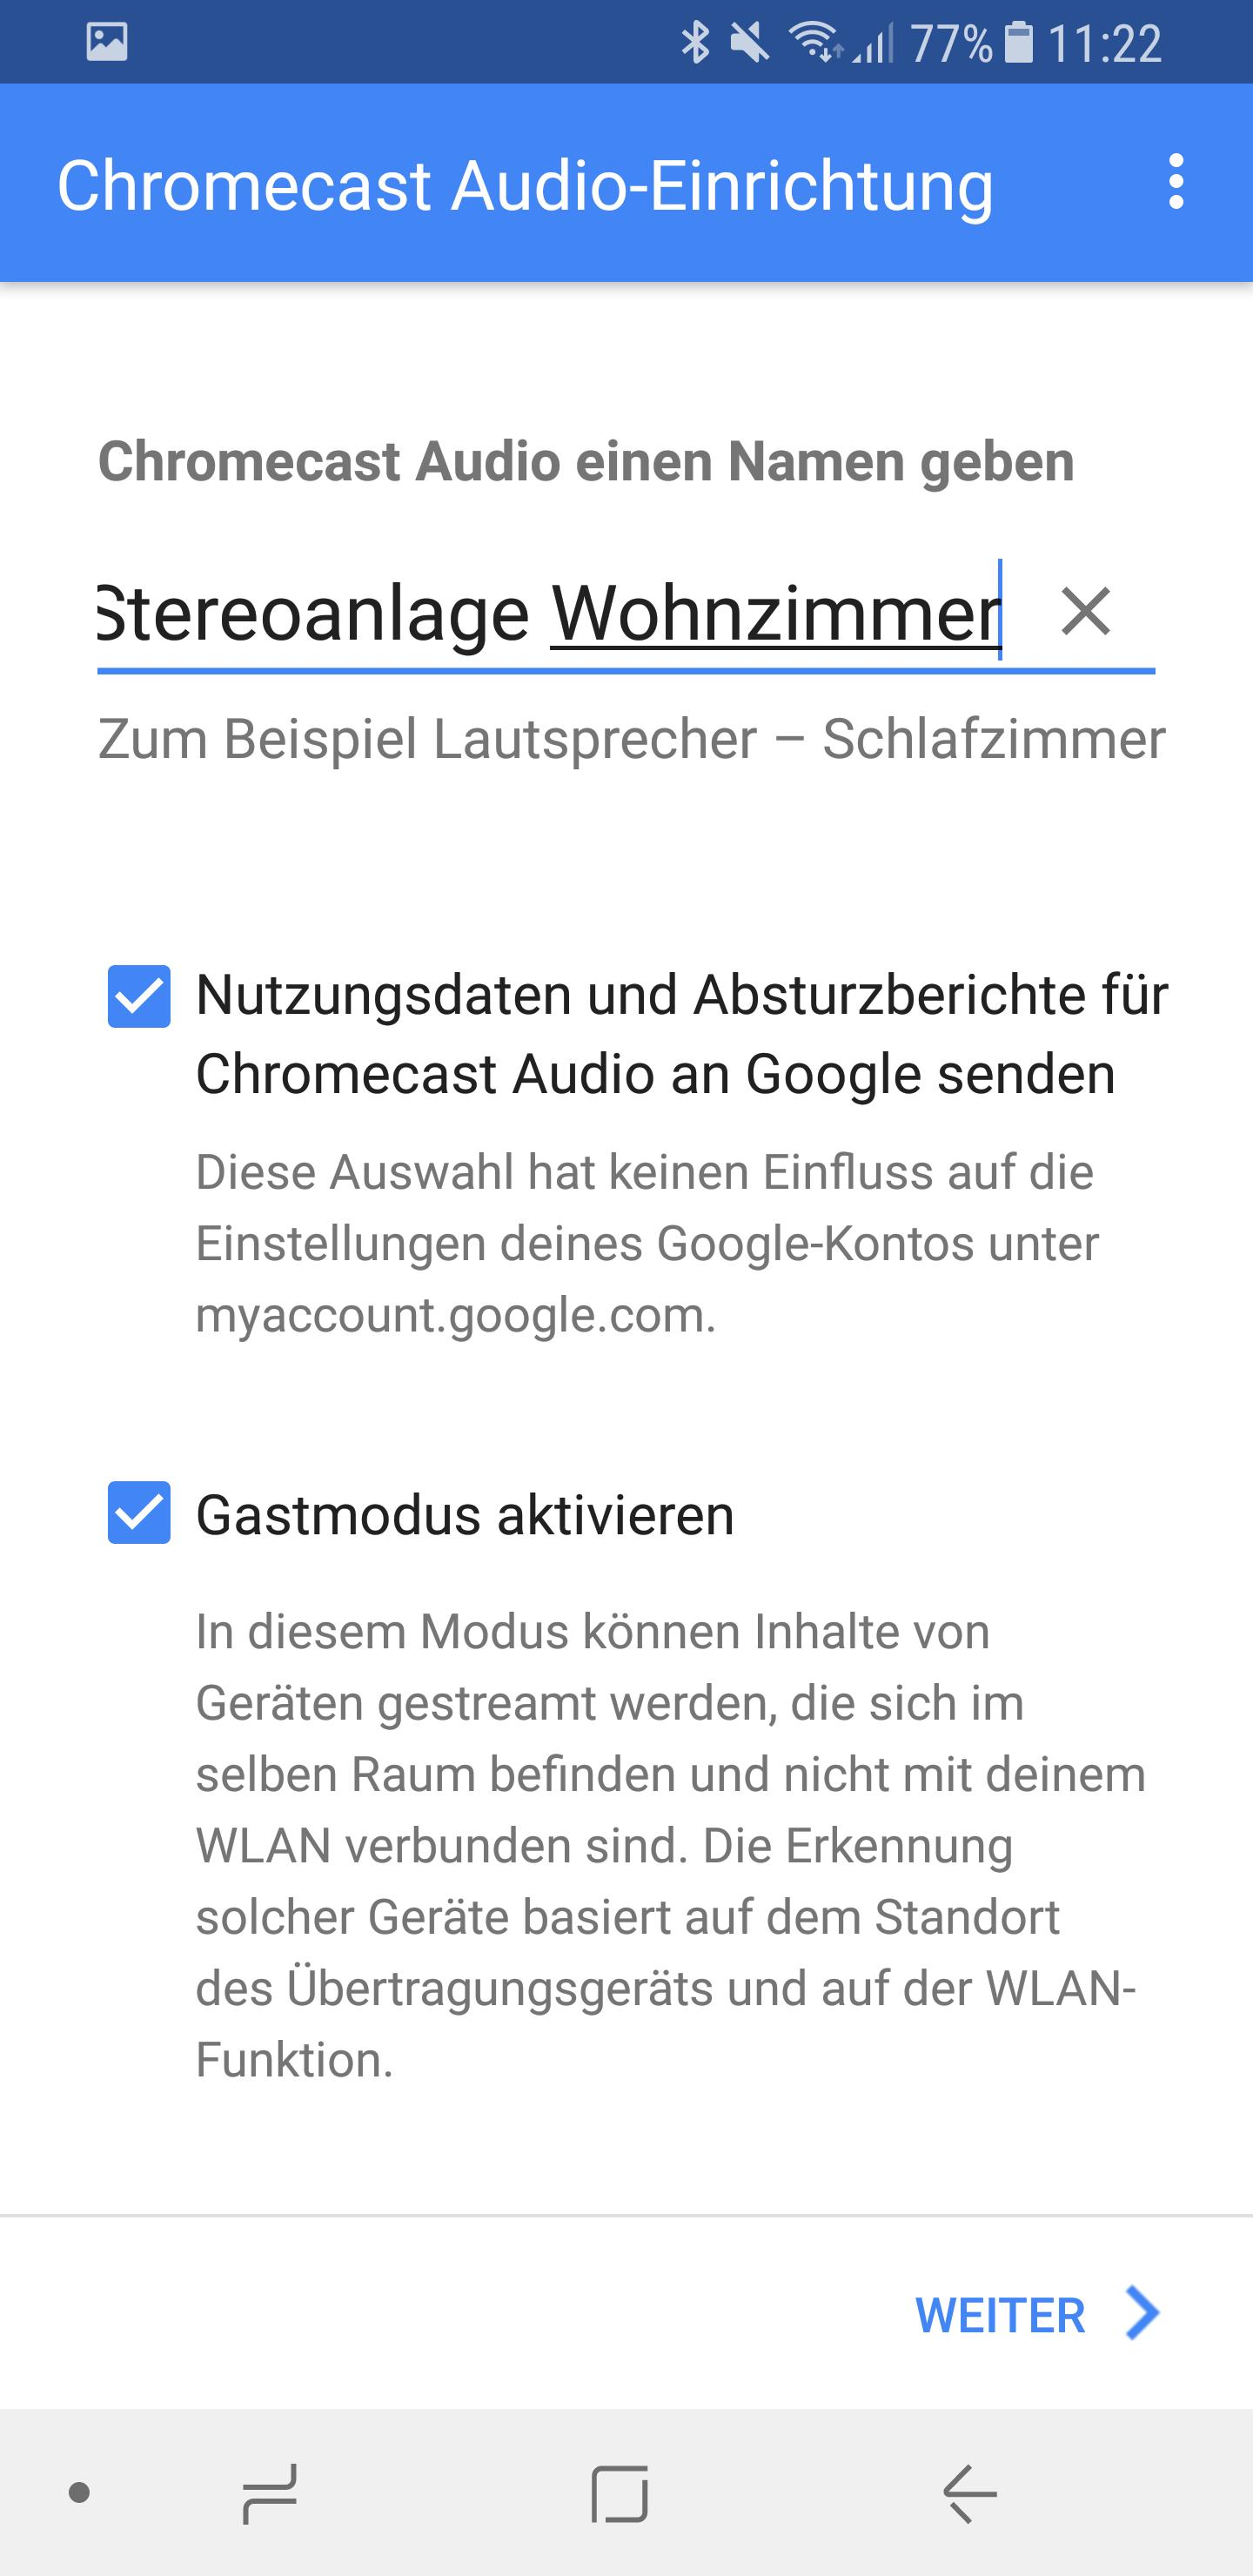 Google-Chromecast-Audio-einrichten-6